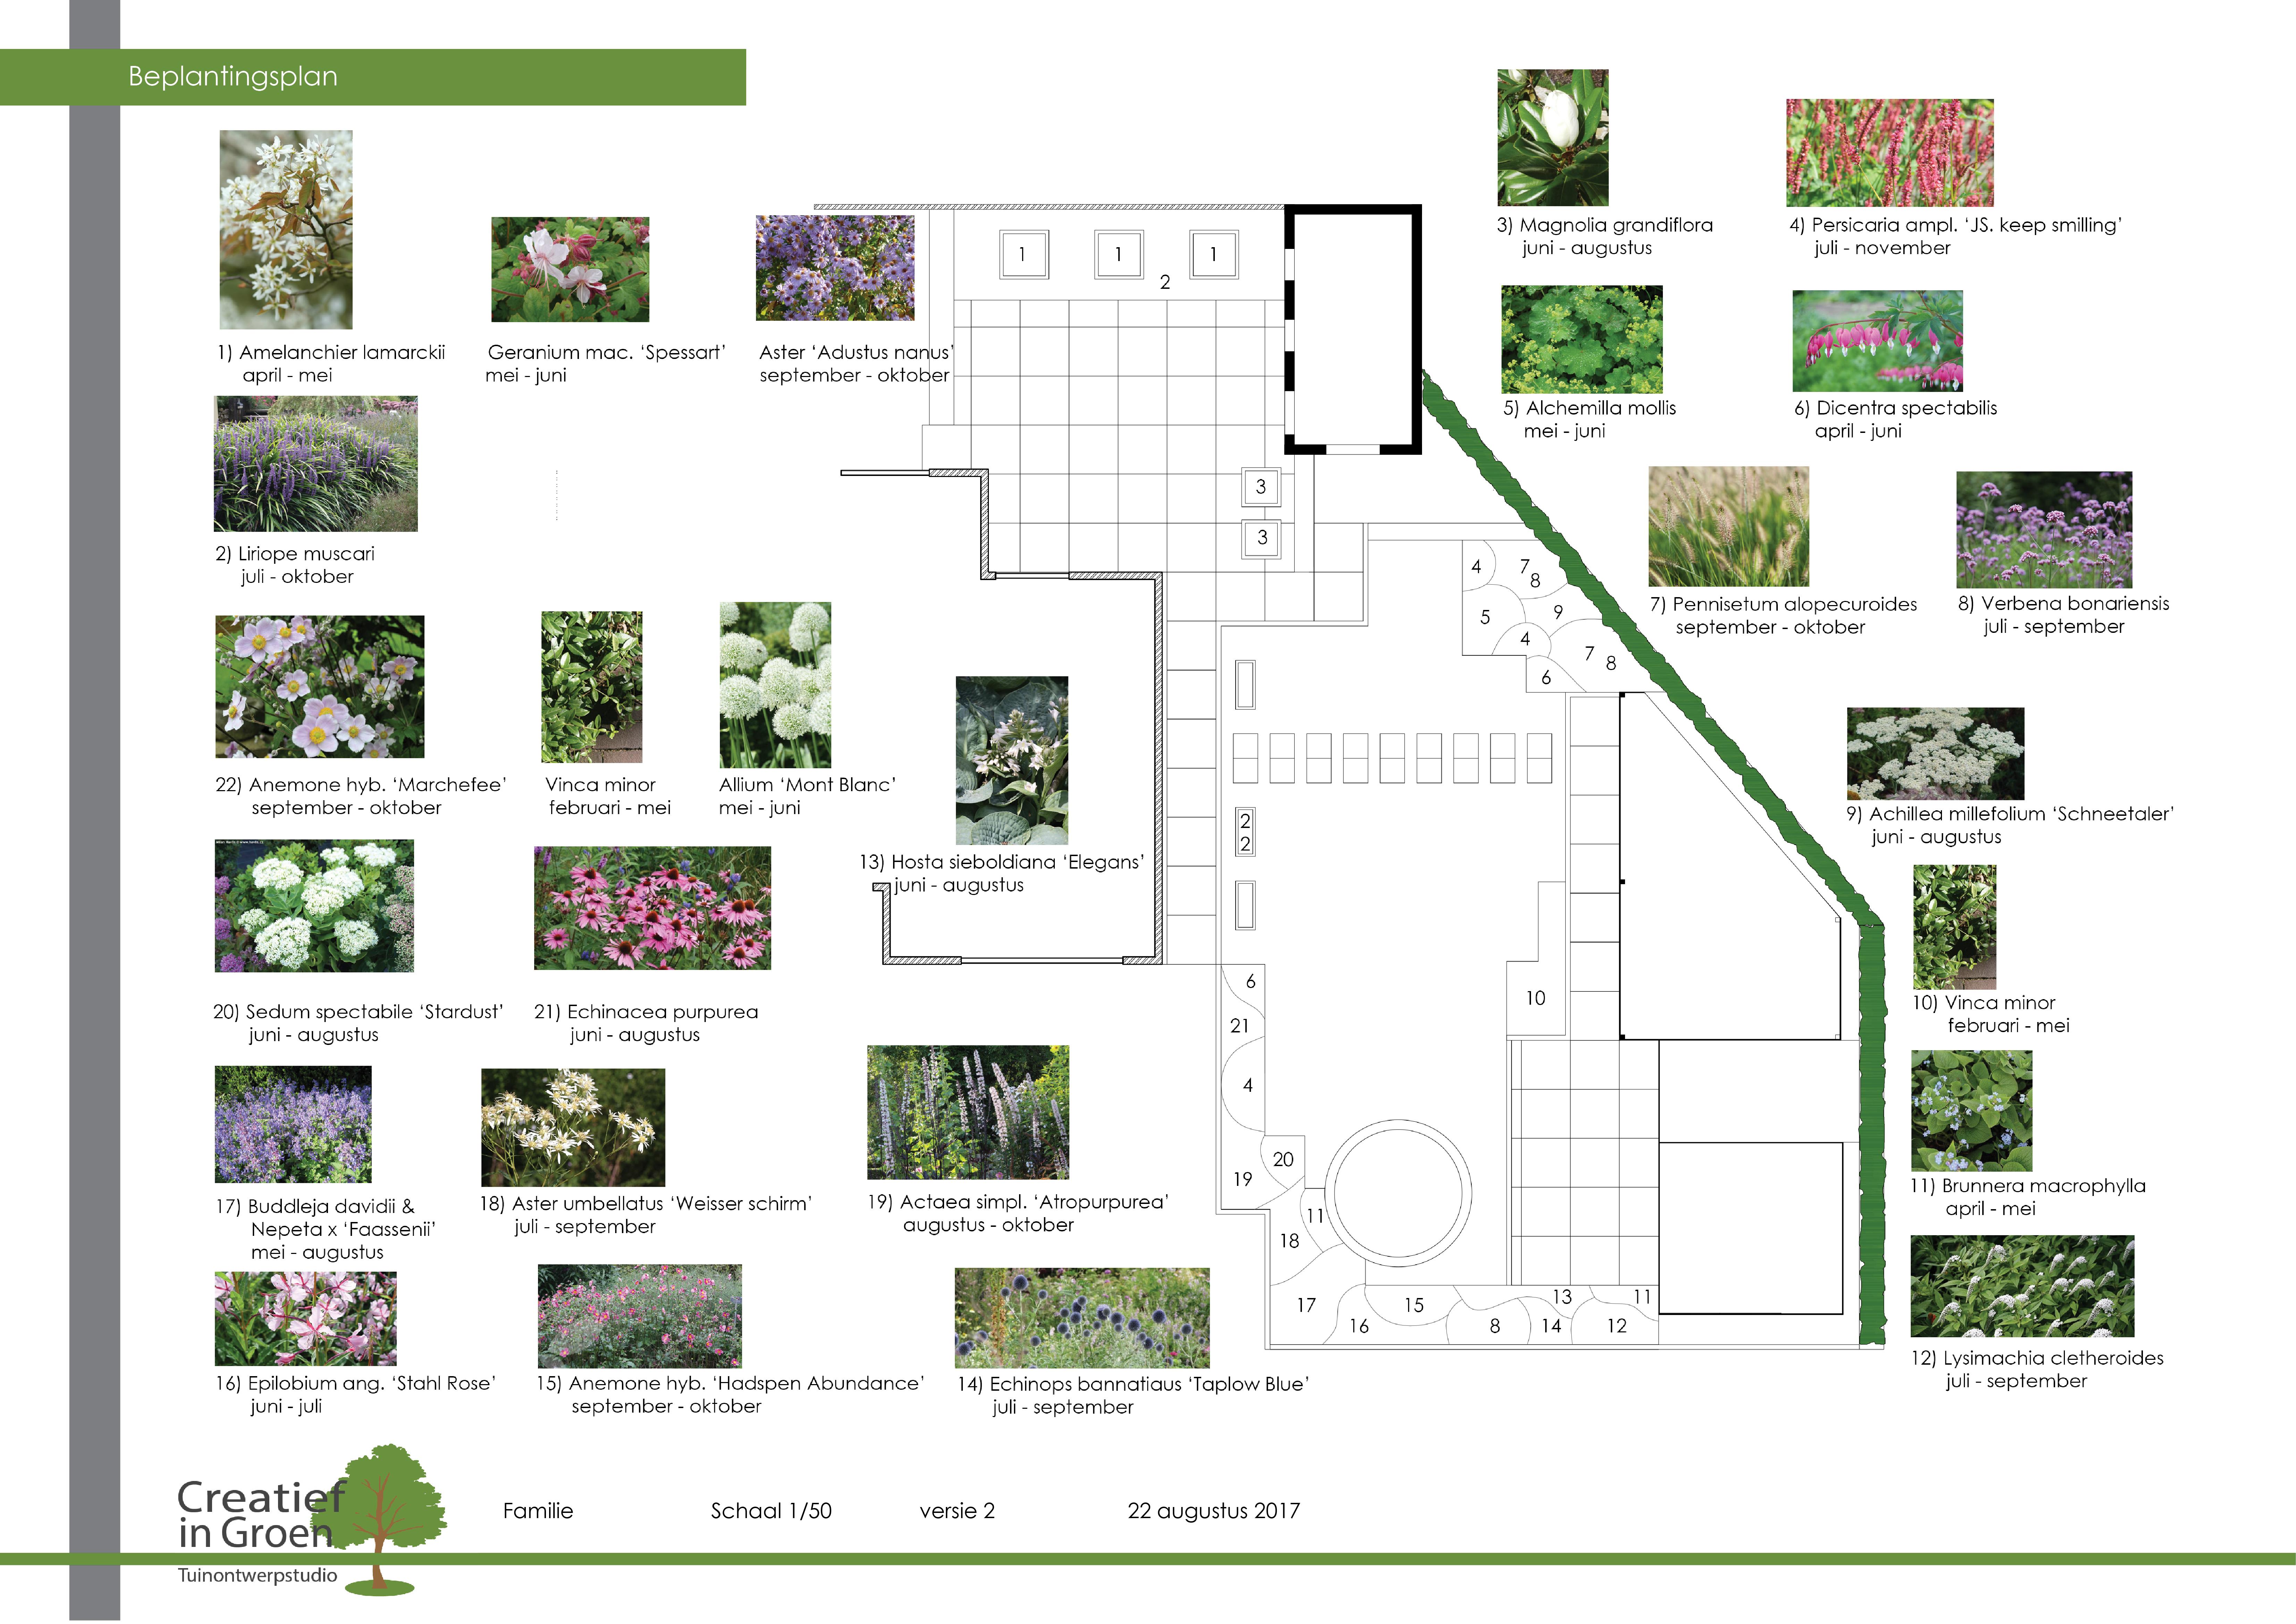 beplantingsplan-creatief-in-groen